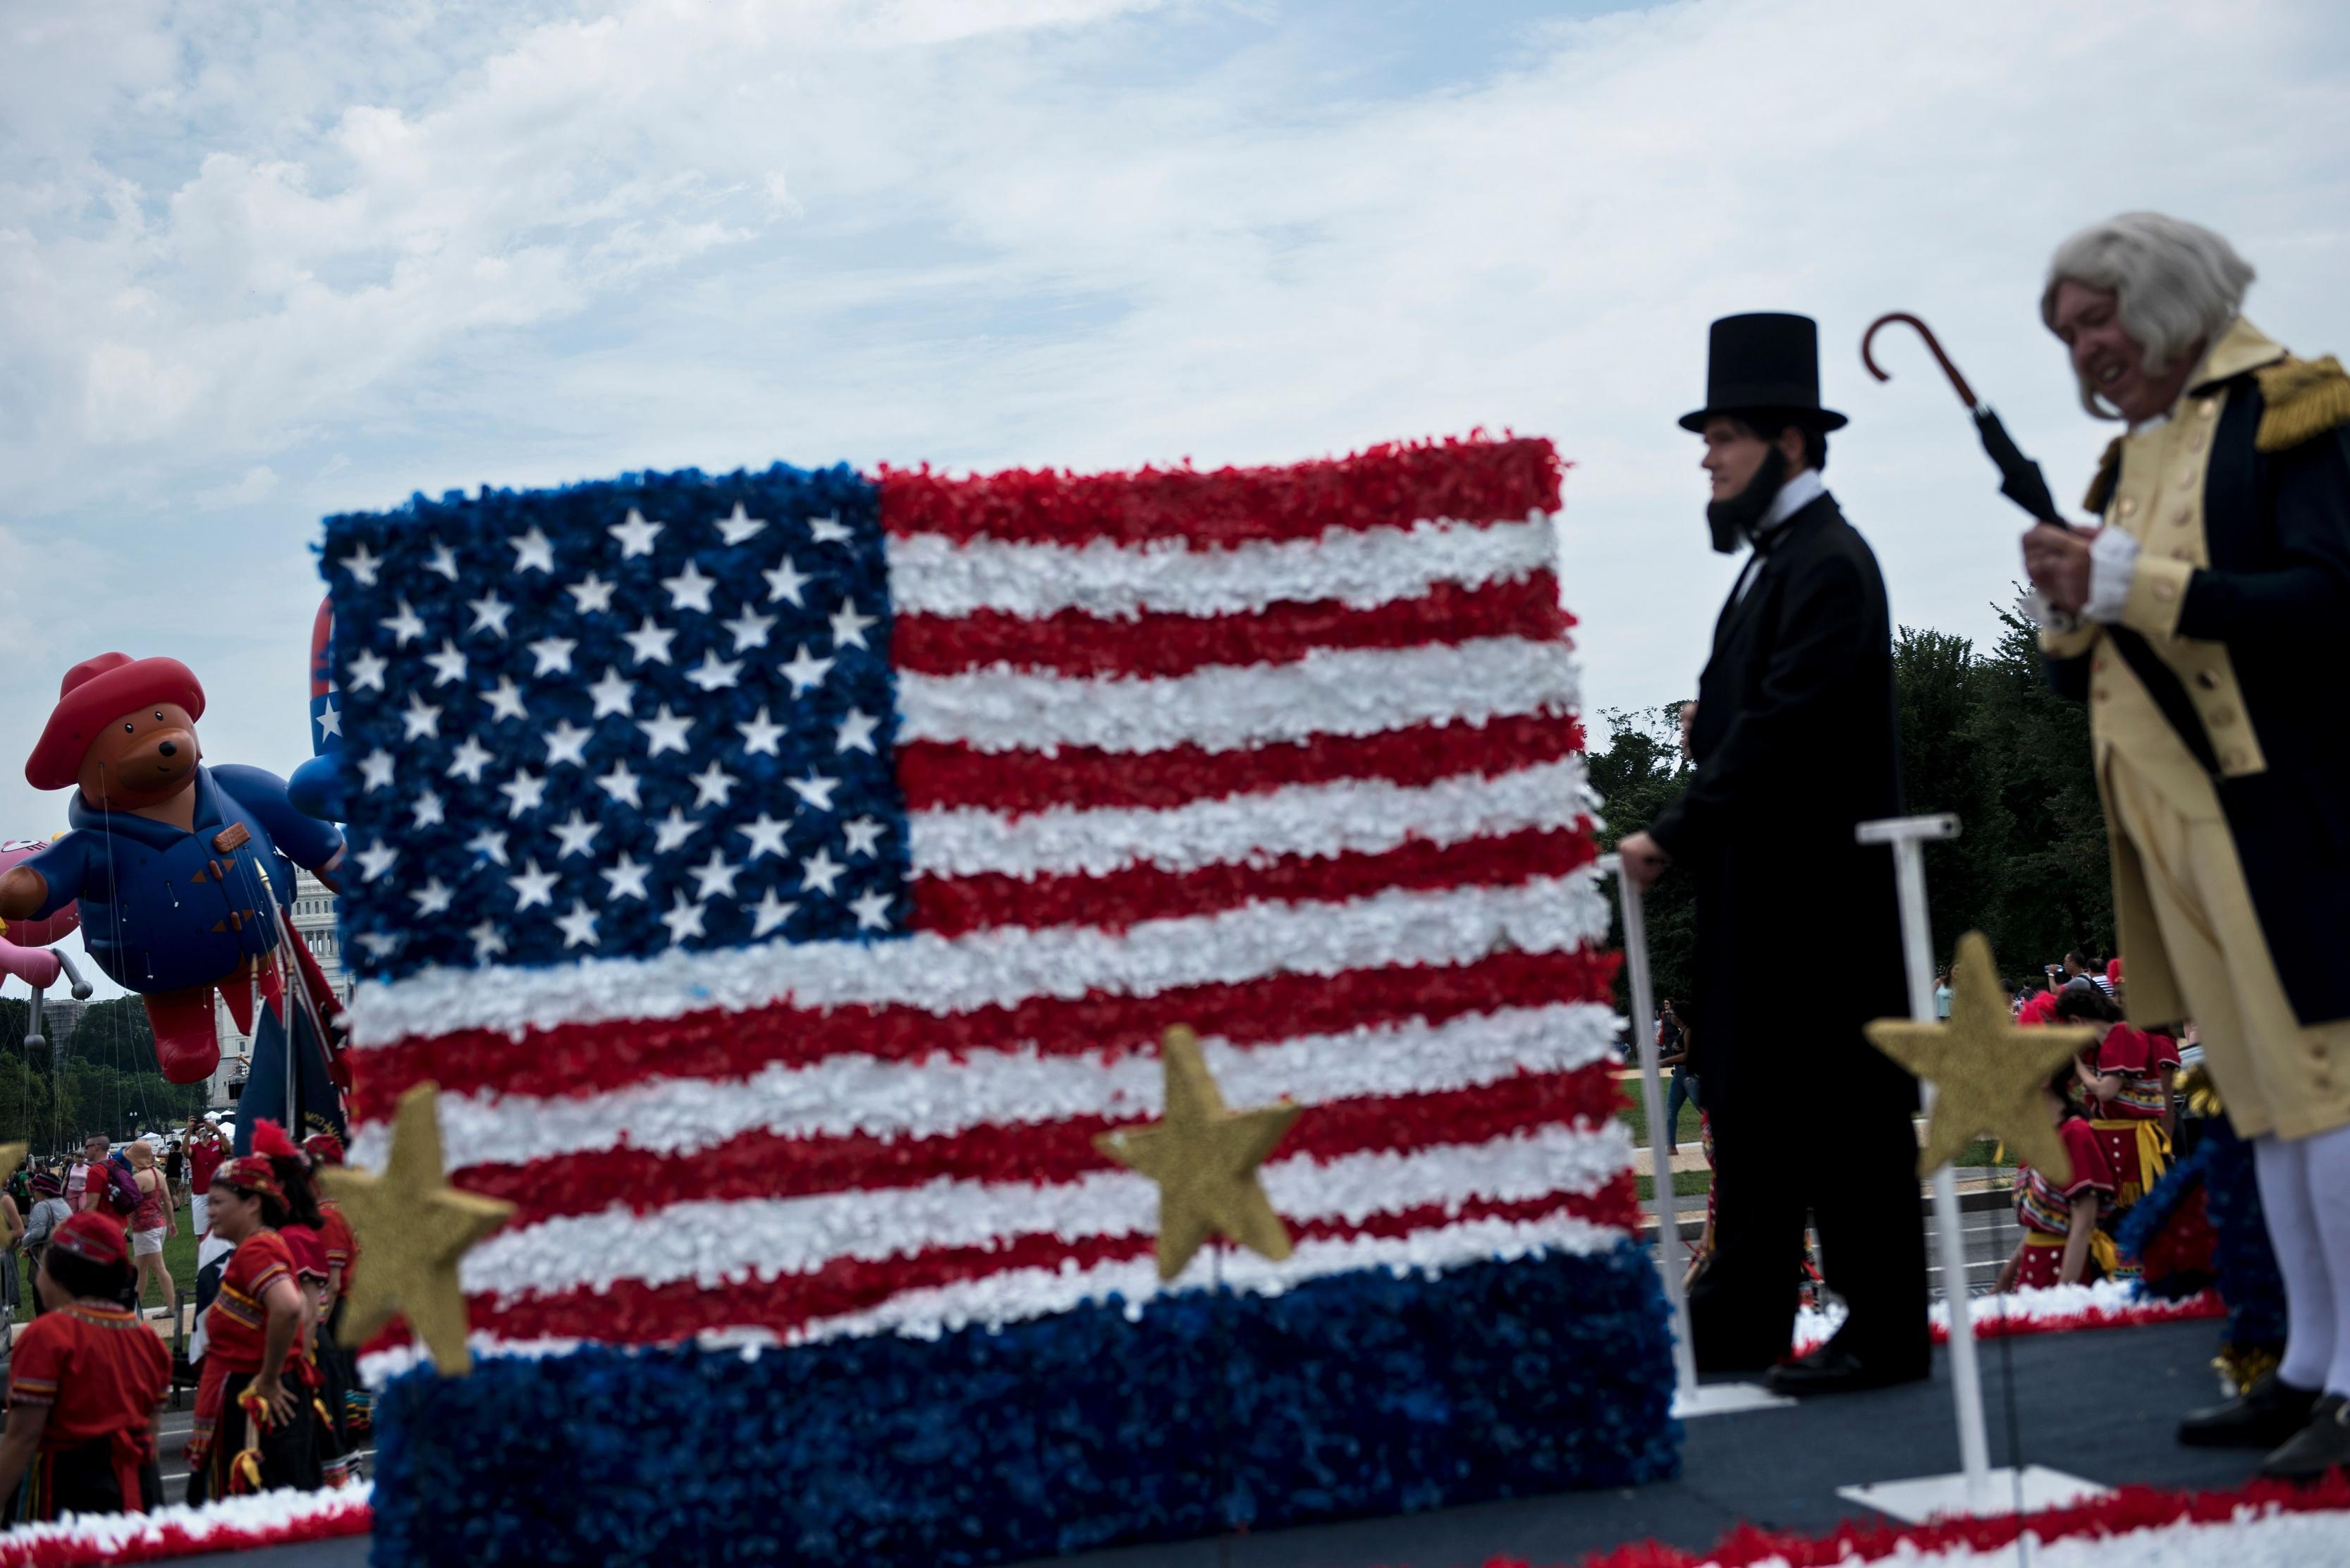 بالصور صور علم امريكا , مجموعة من الصور المختلفة لعلم دولة امريكا 912 5